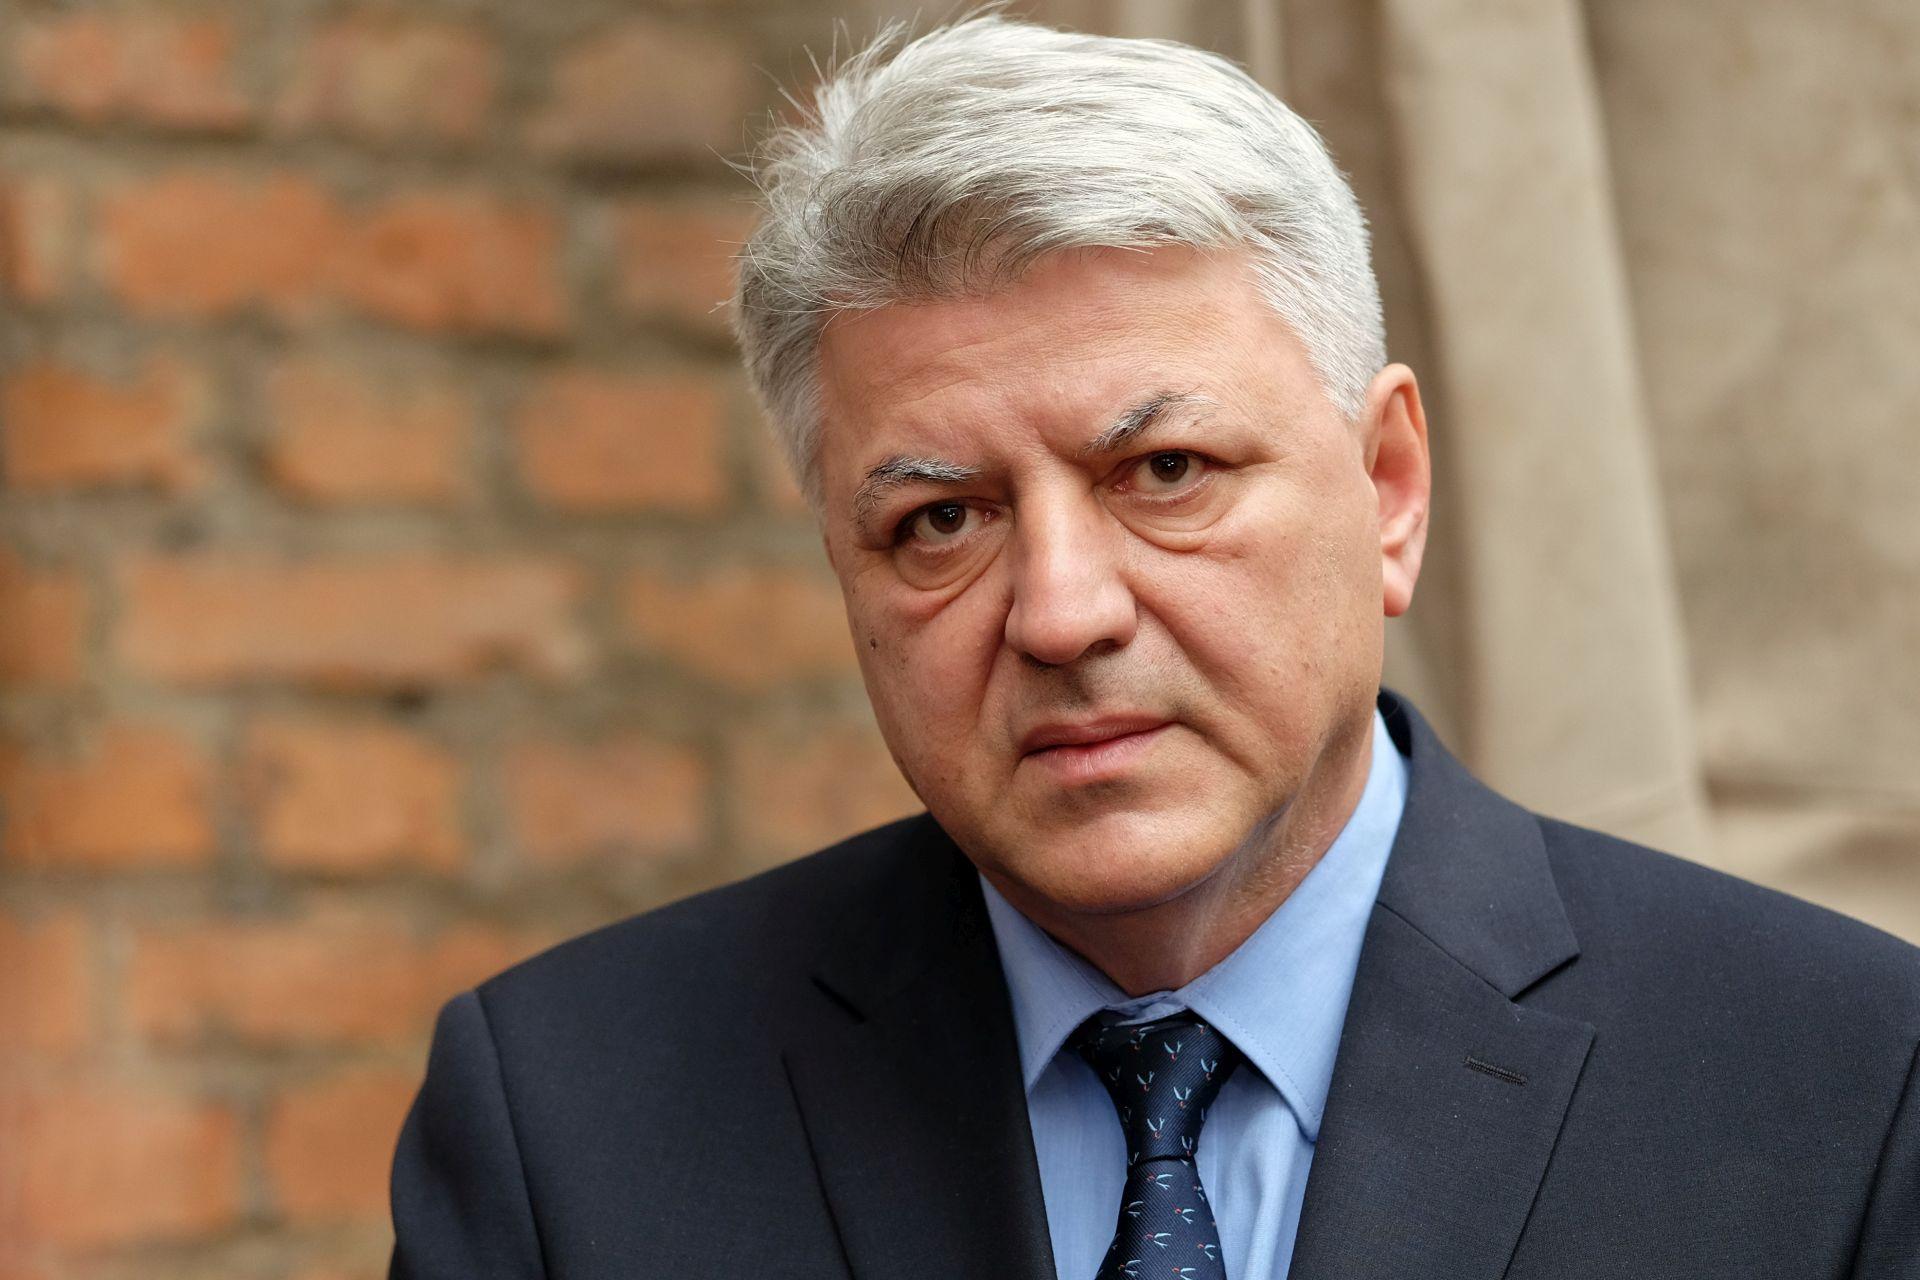 'Premijer će između Vlade RH i Dalić izabrati – opstojnost Vlade'